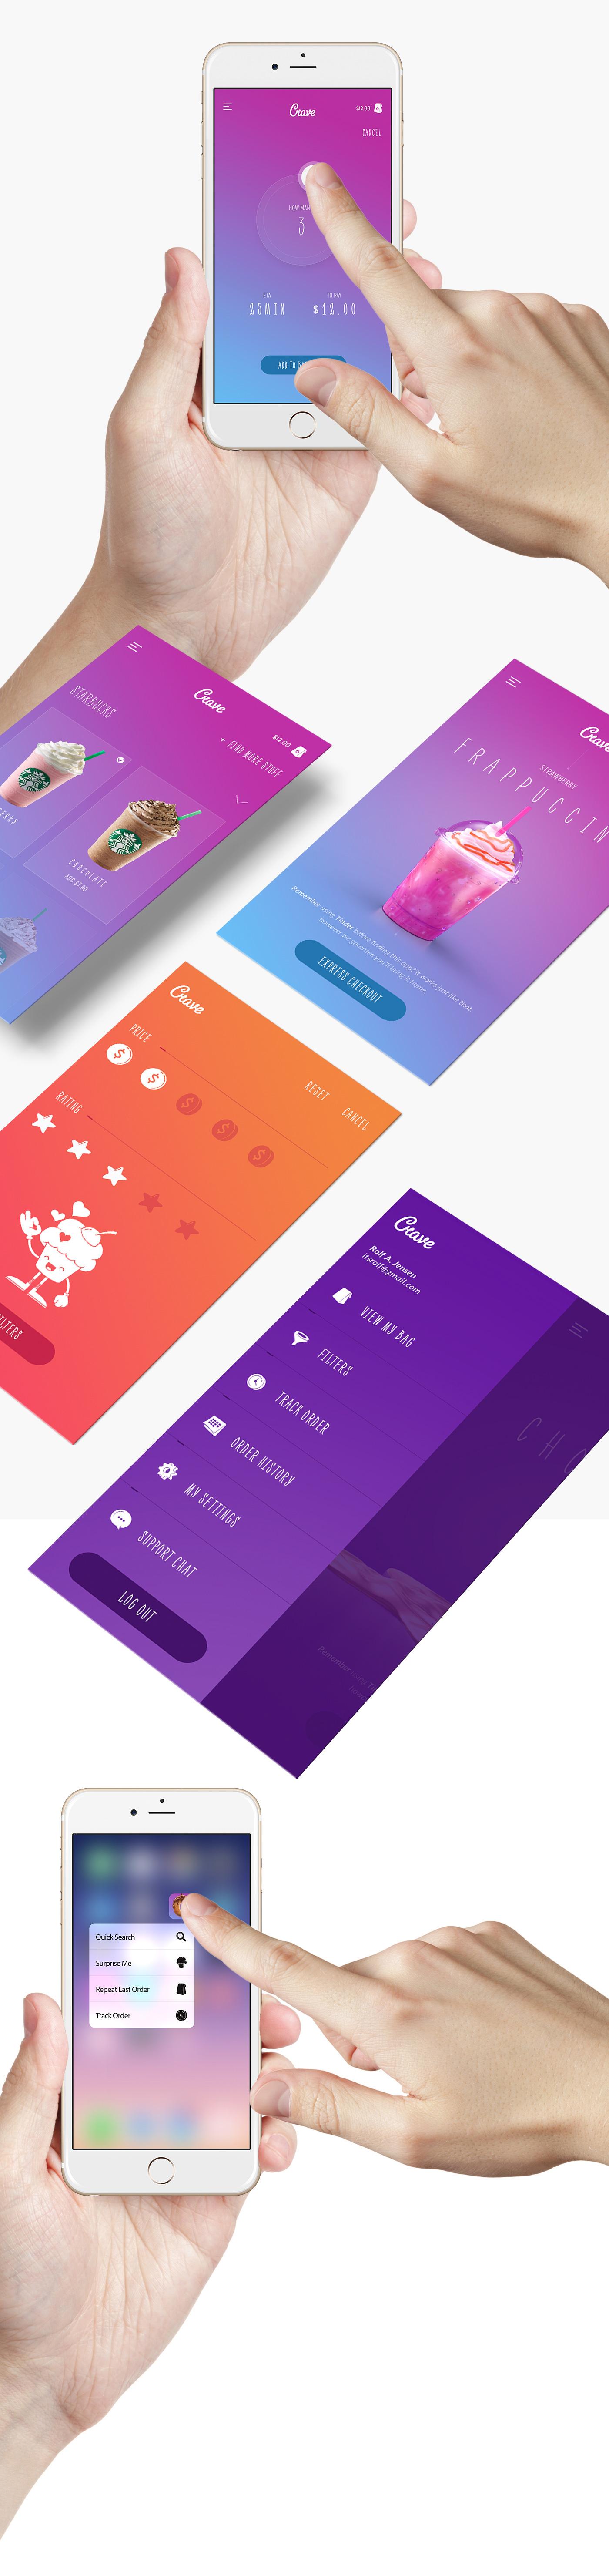 Rolf Jensen, talentueux Webdesigner et Designer d'interface #29